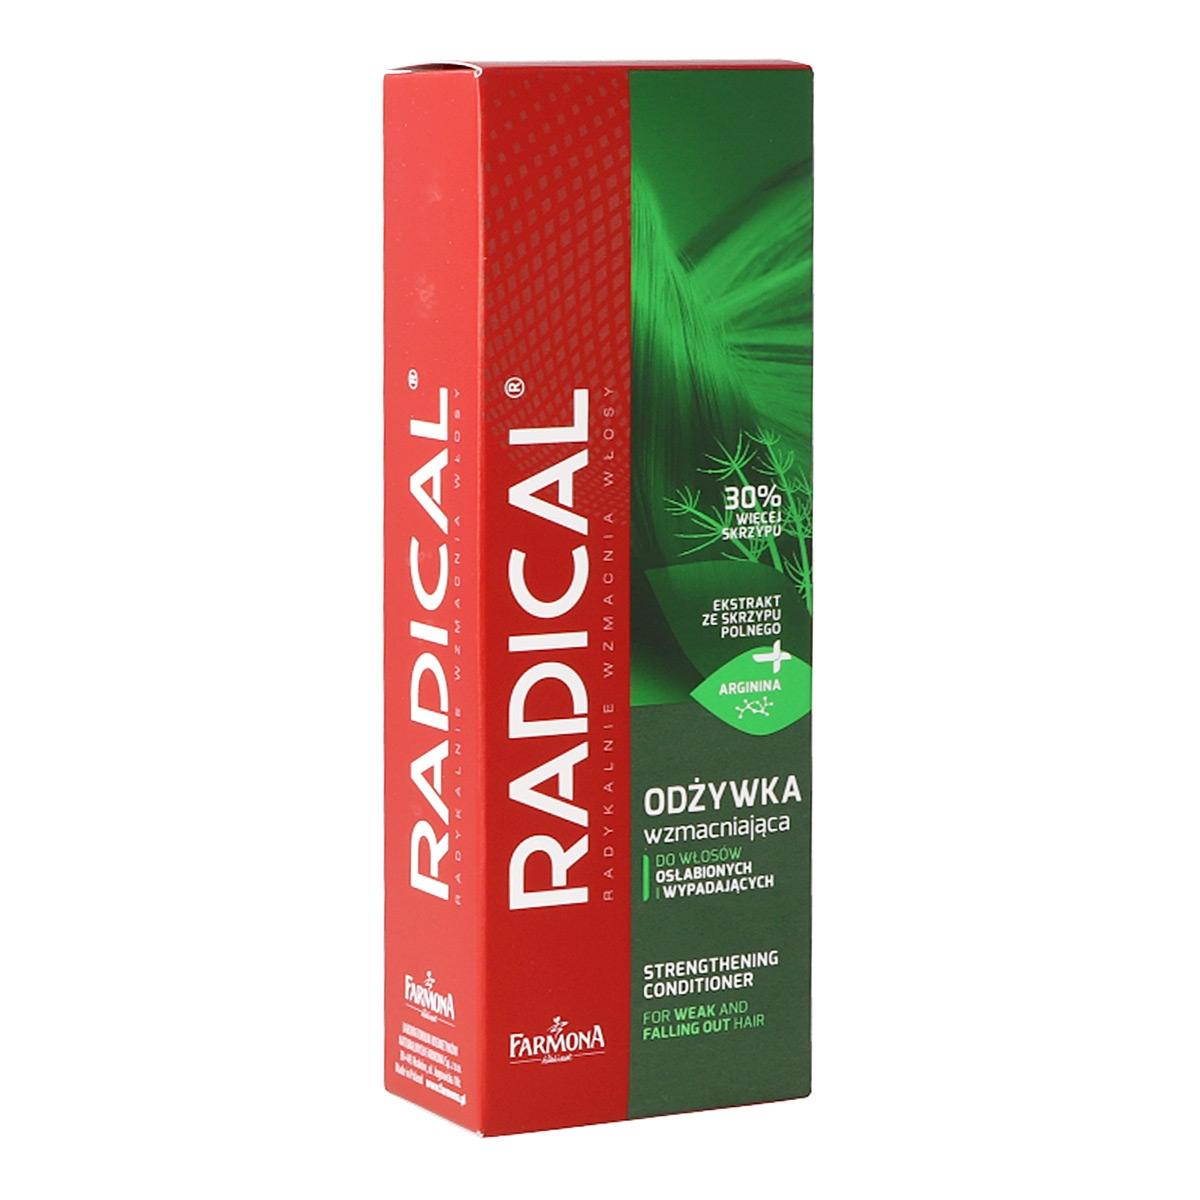 Image of Farmona radical odżywka wzmacniająca do włosów osłabionych i wyp